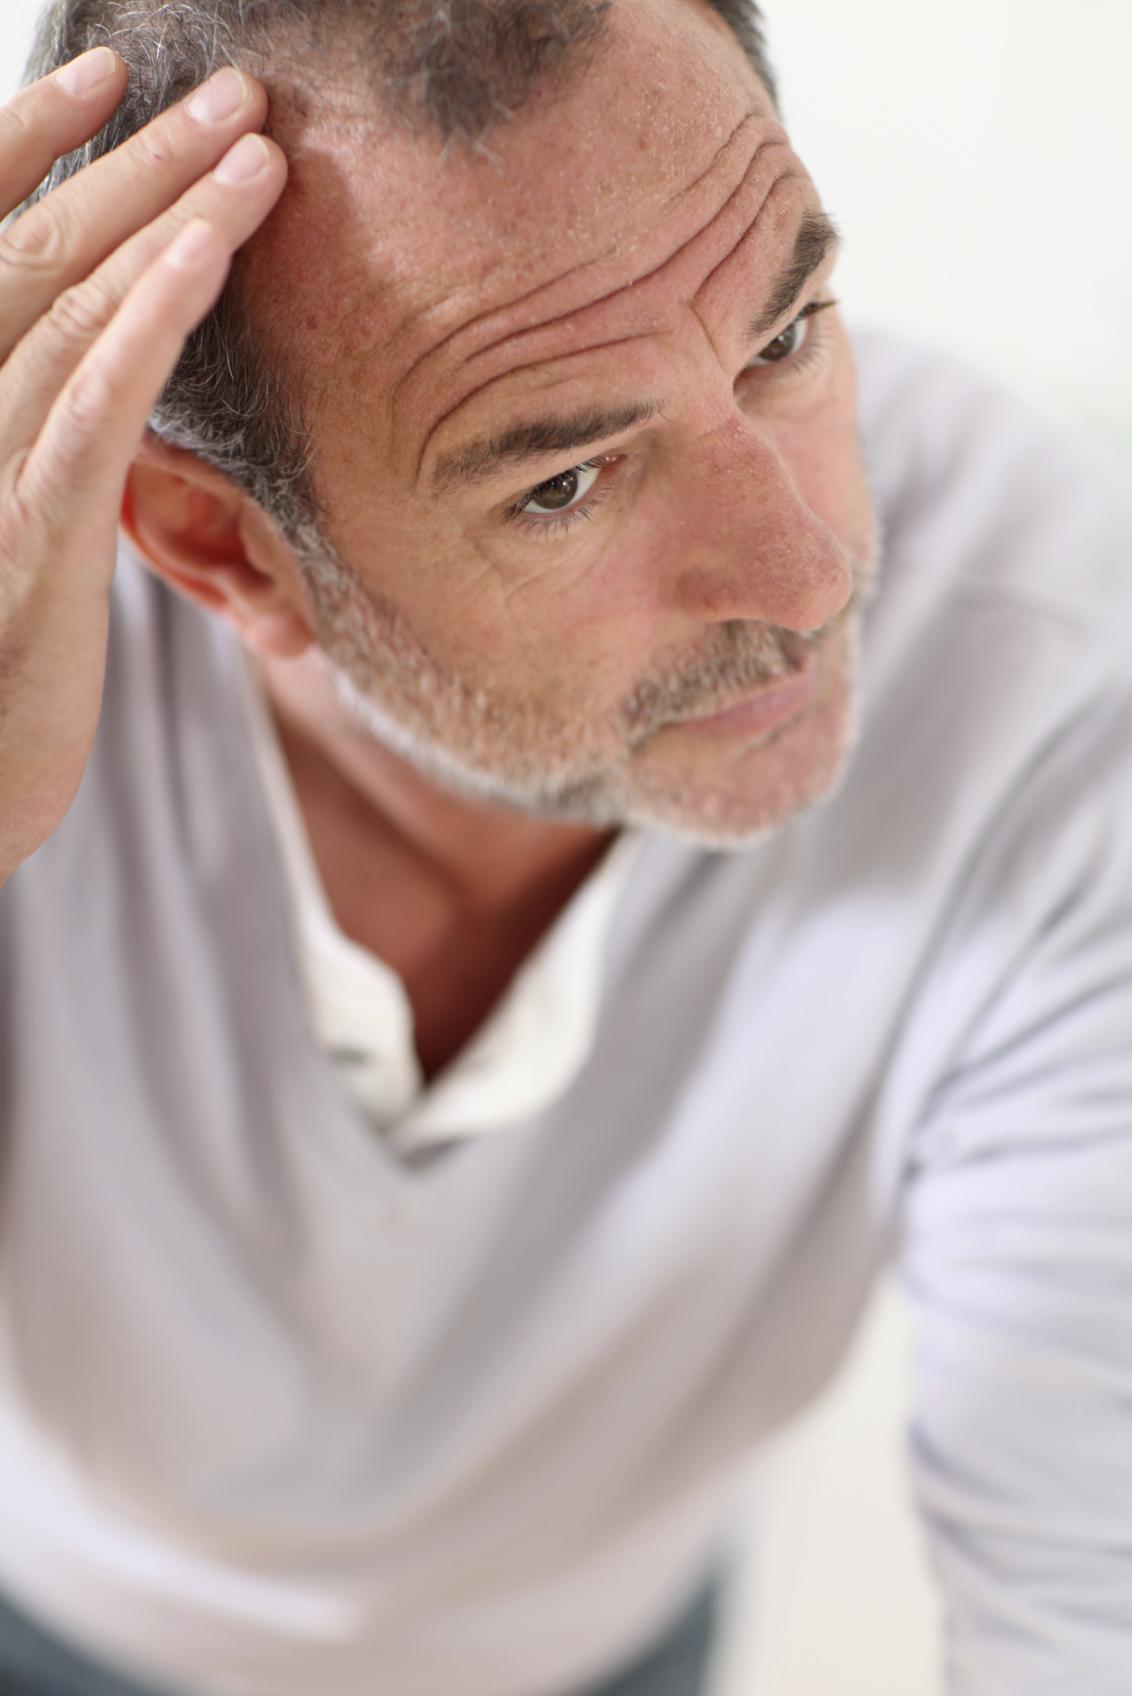 Senior man looking at his hair in mirror